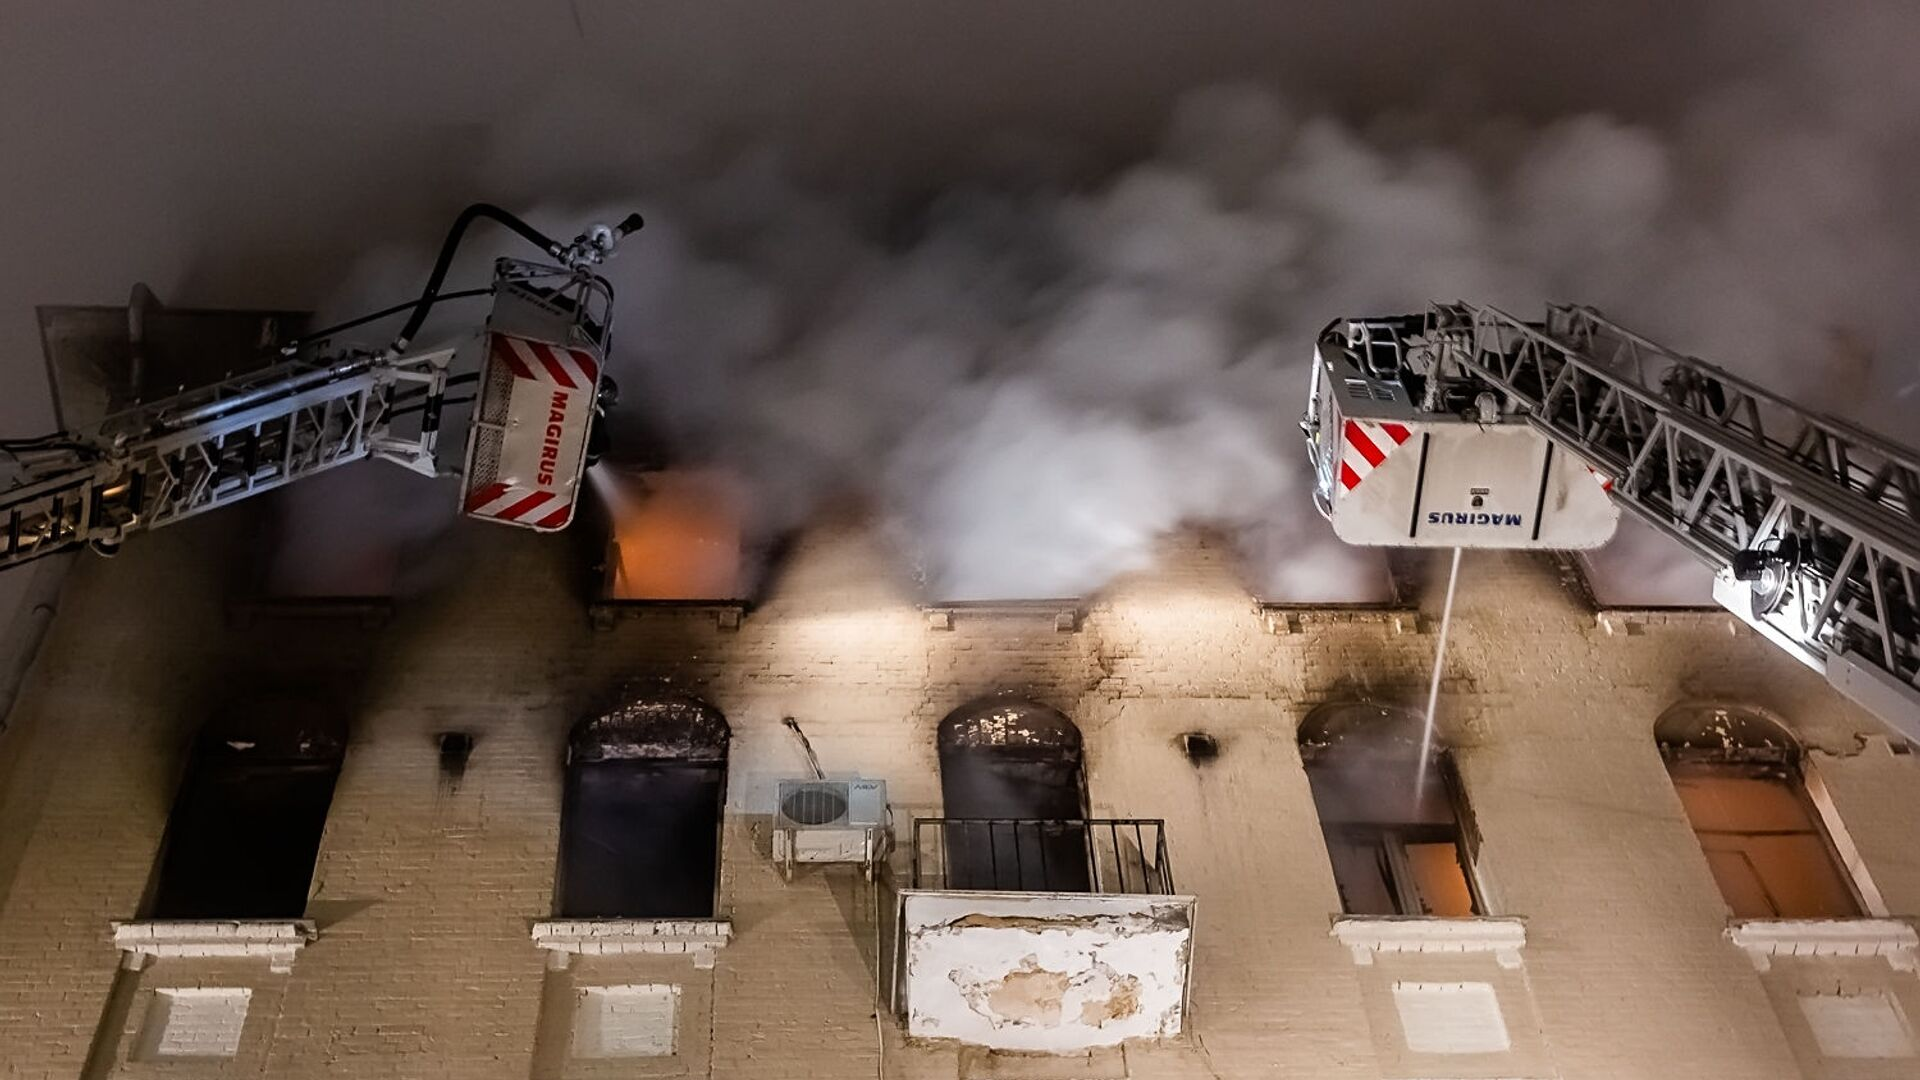 Пожар в жилом доме на Никитском бульваре в Москве - РИА Новости, 1920, 05.05.2019